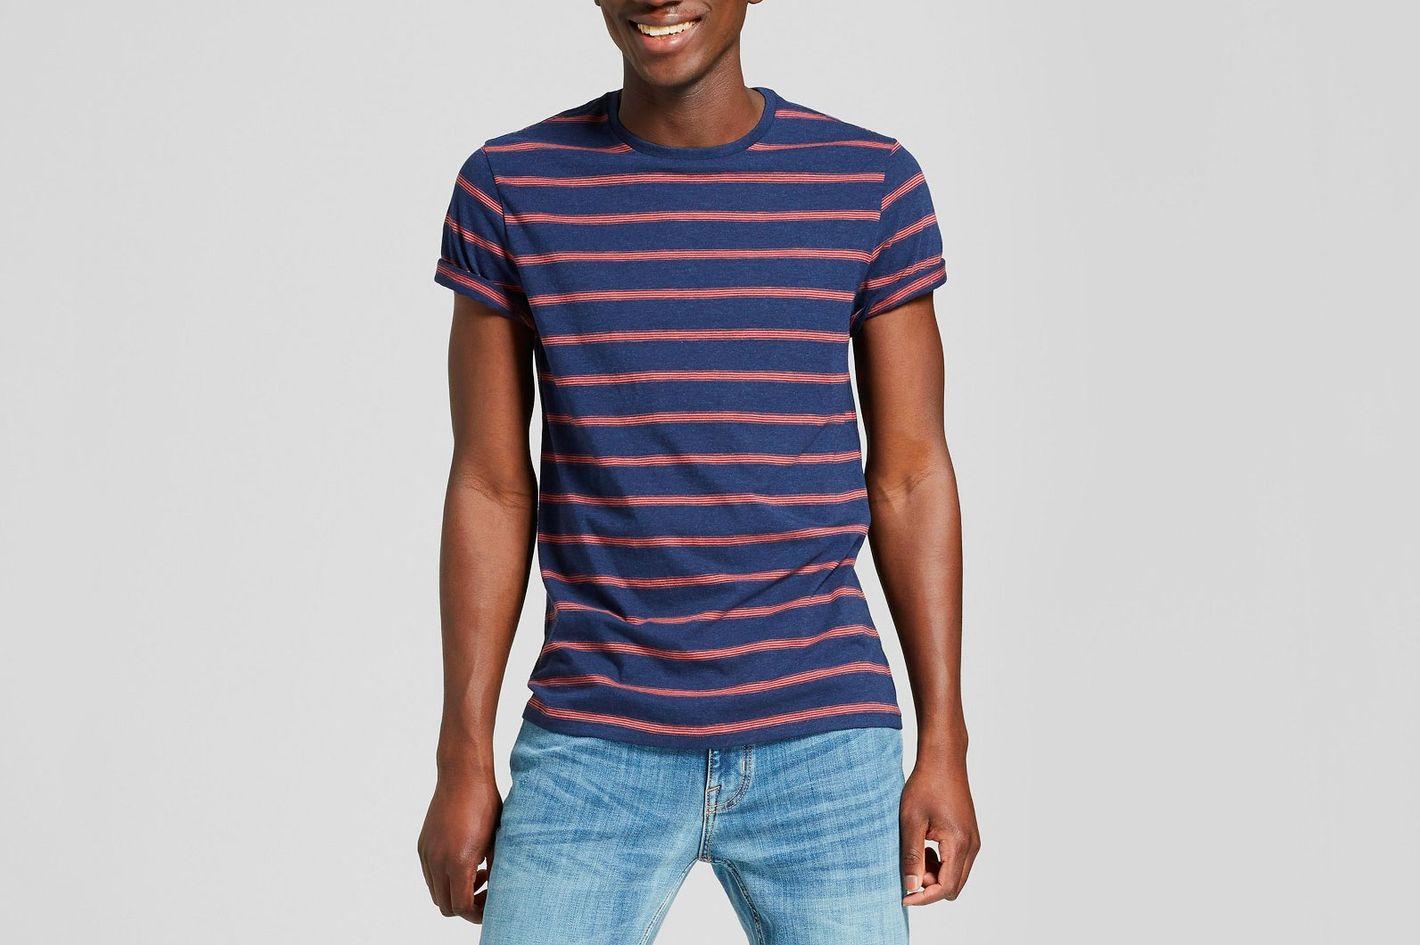 Goodfellow & Co. Men's Standard Fit Short Sleeve Crew Neck Novelty T-shirt